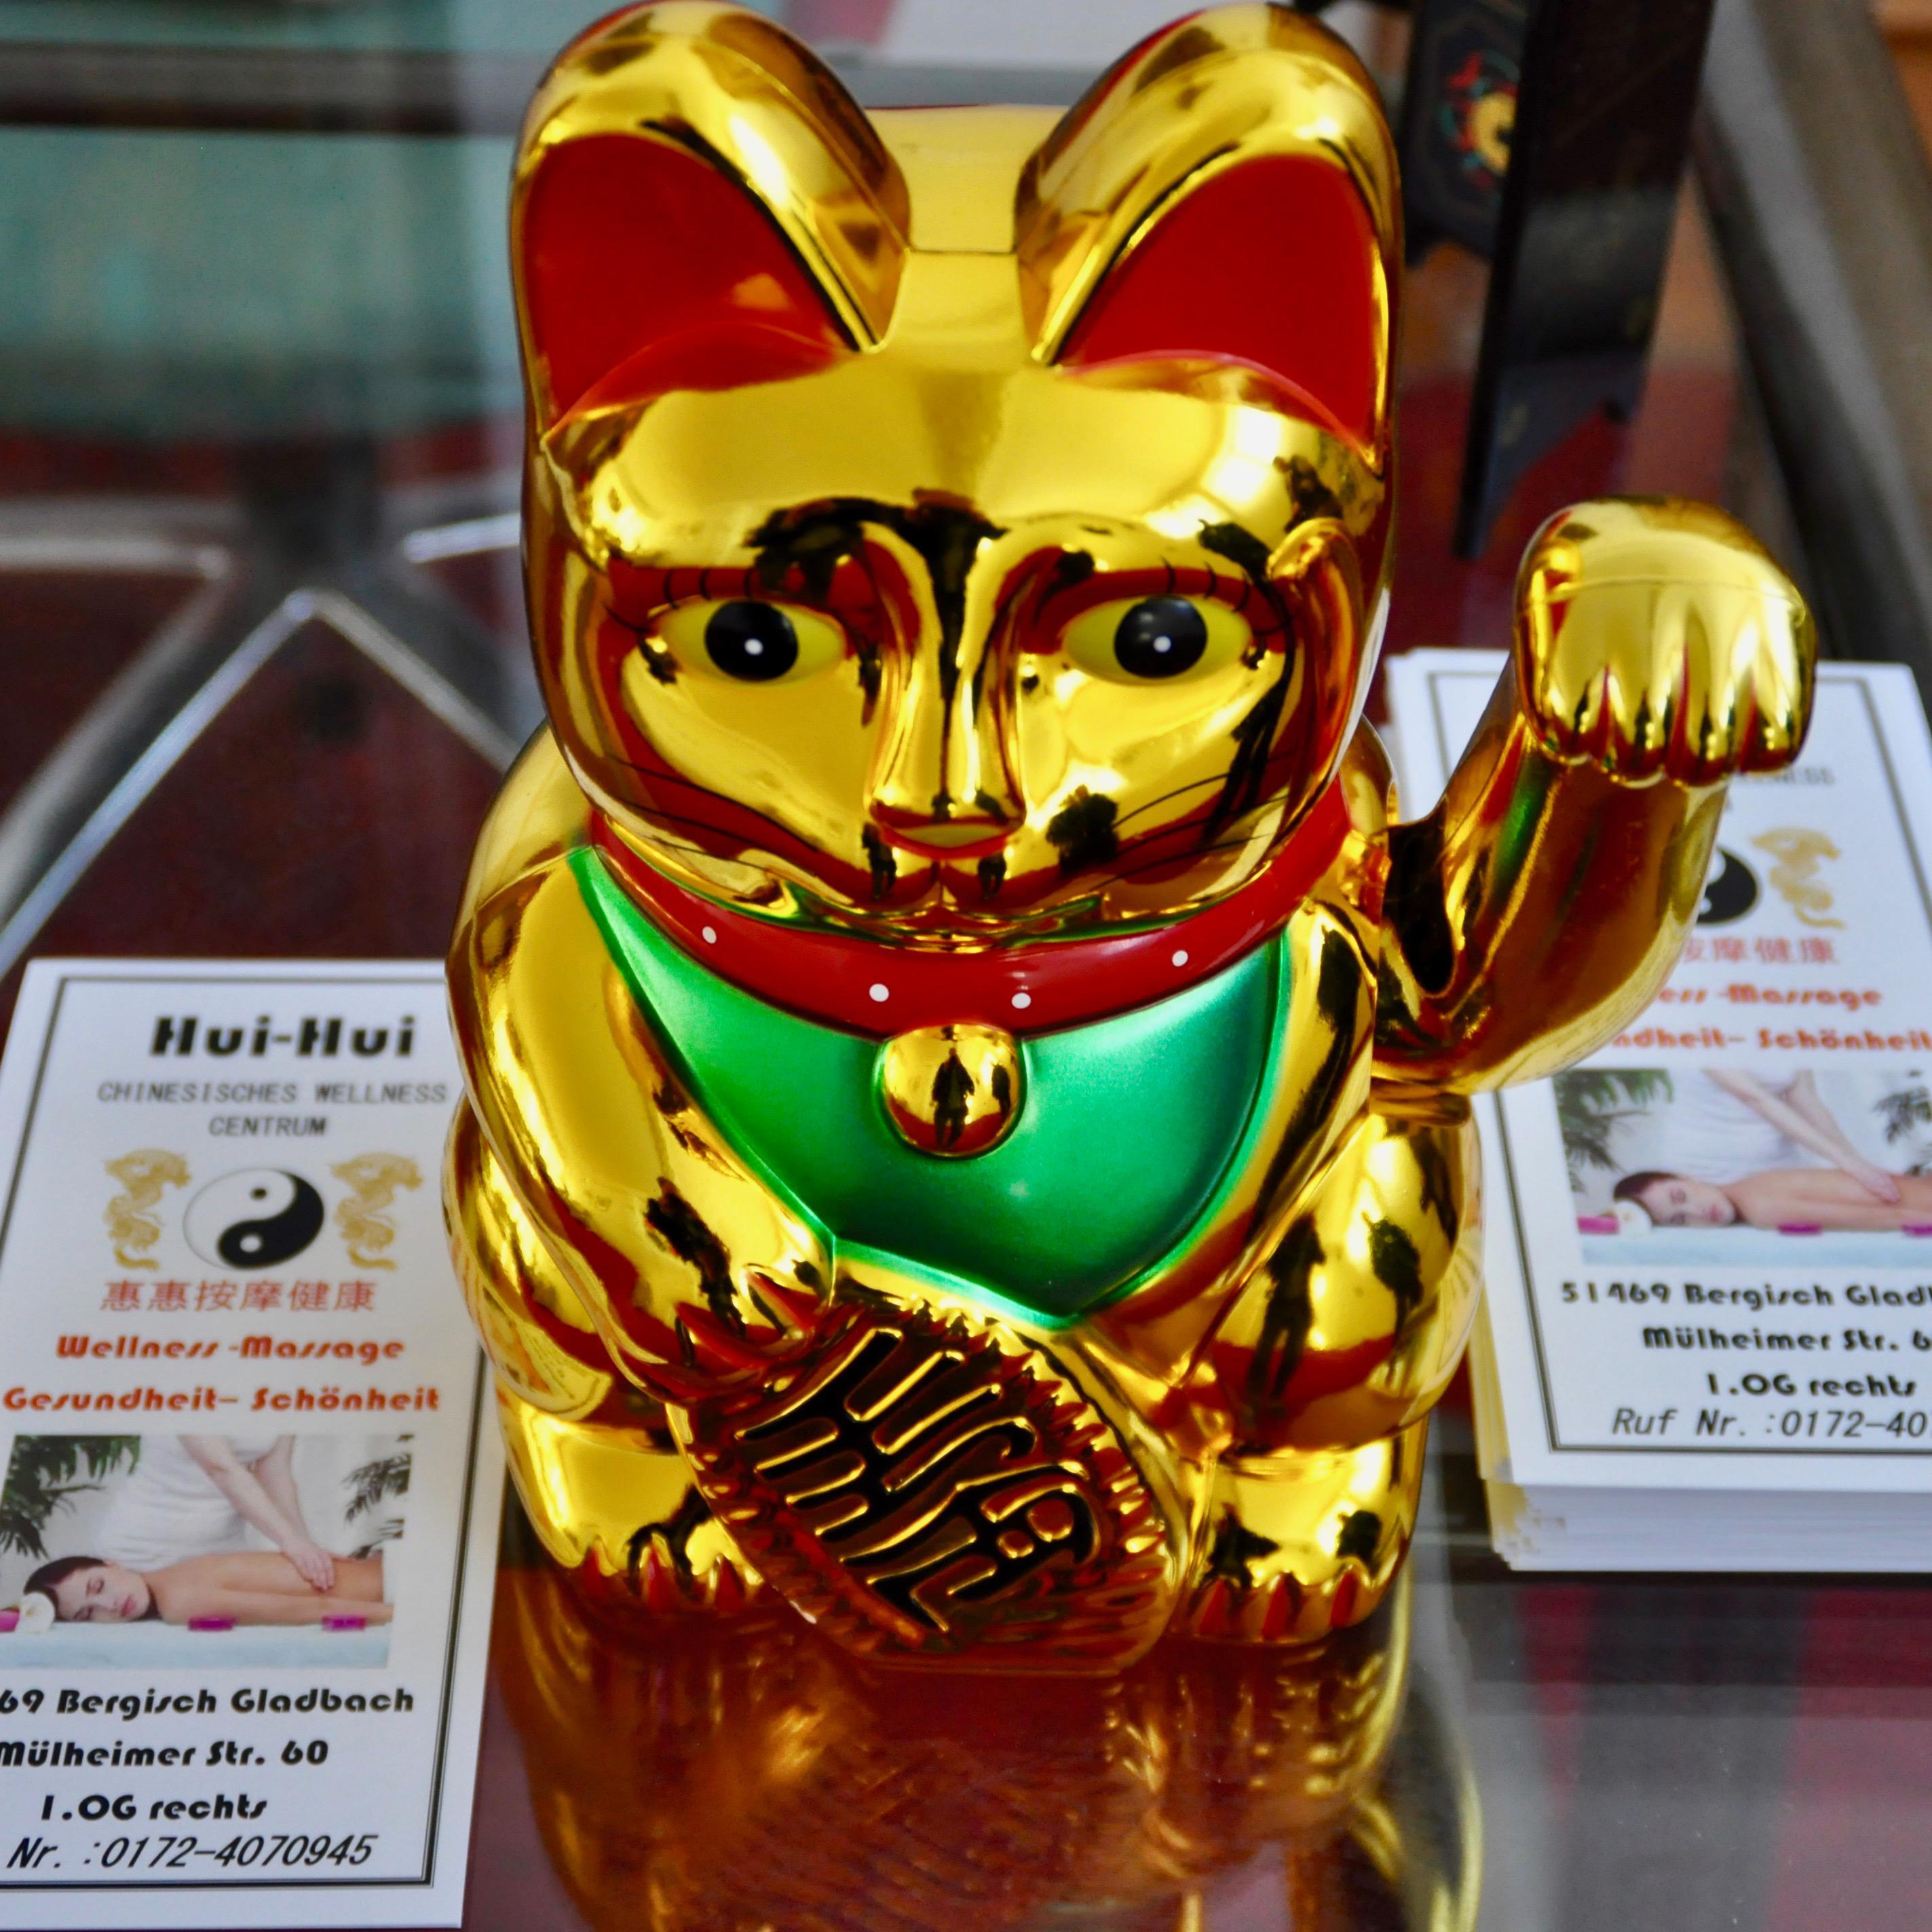 Bild zu Chinesische Massage - Wellness Centrum Hui-Hui Bergisch Gladbach in Bergisch Gladbach